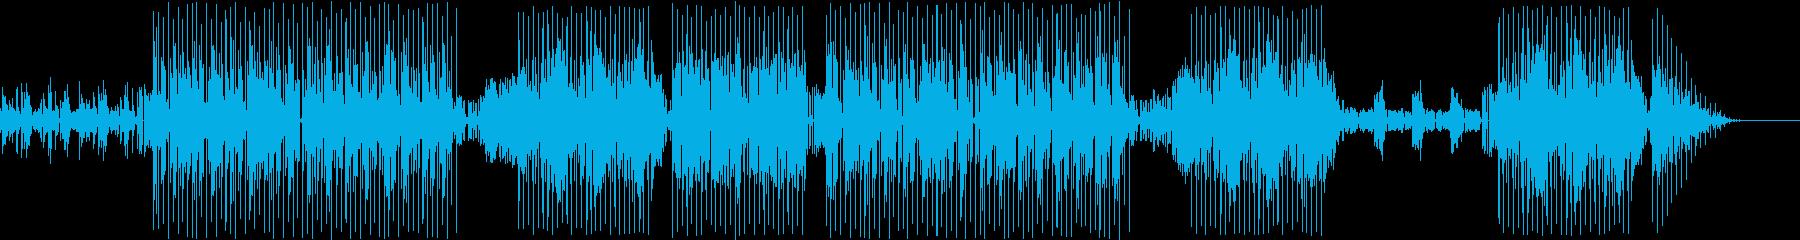 躍動感あるアクションシーン向けダンス曲の再生済みの波形